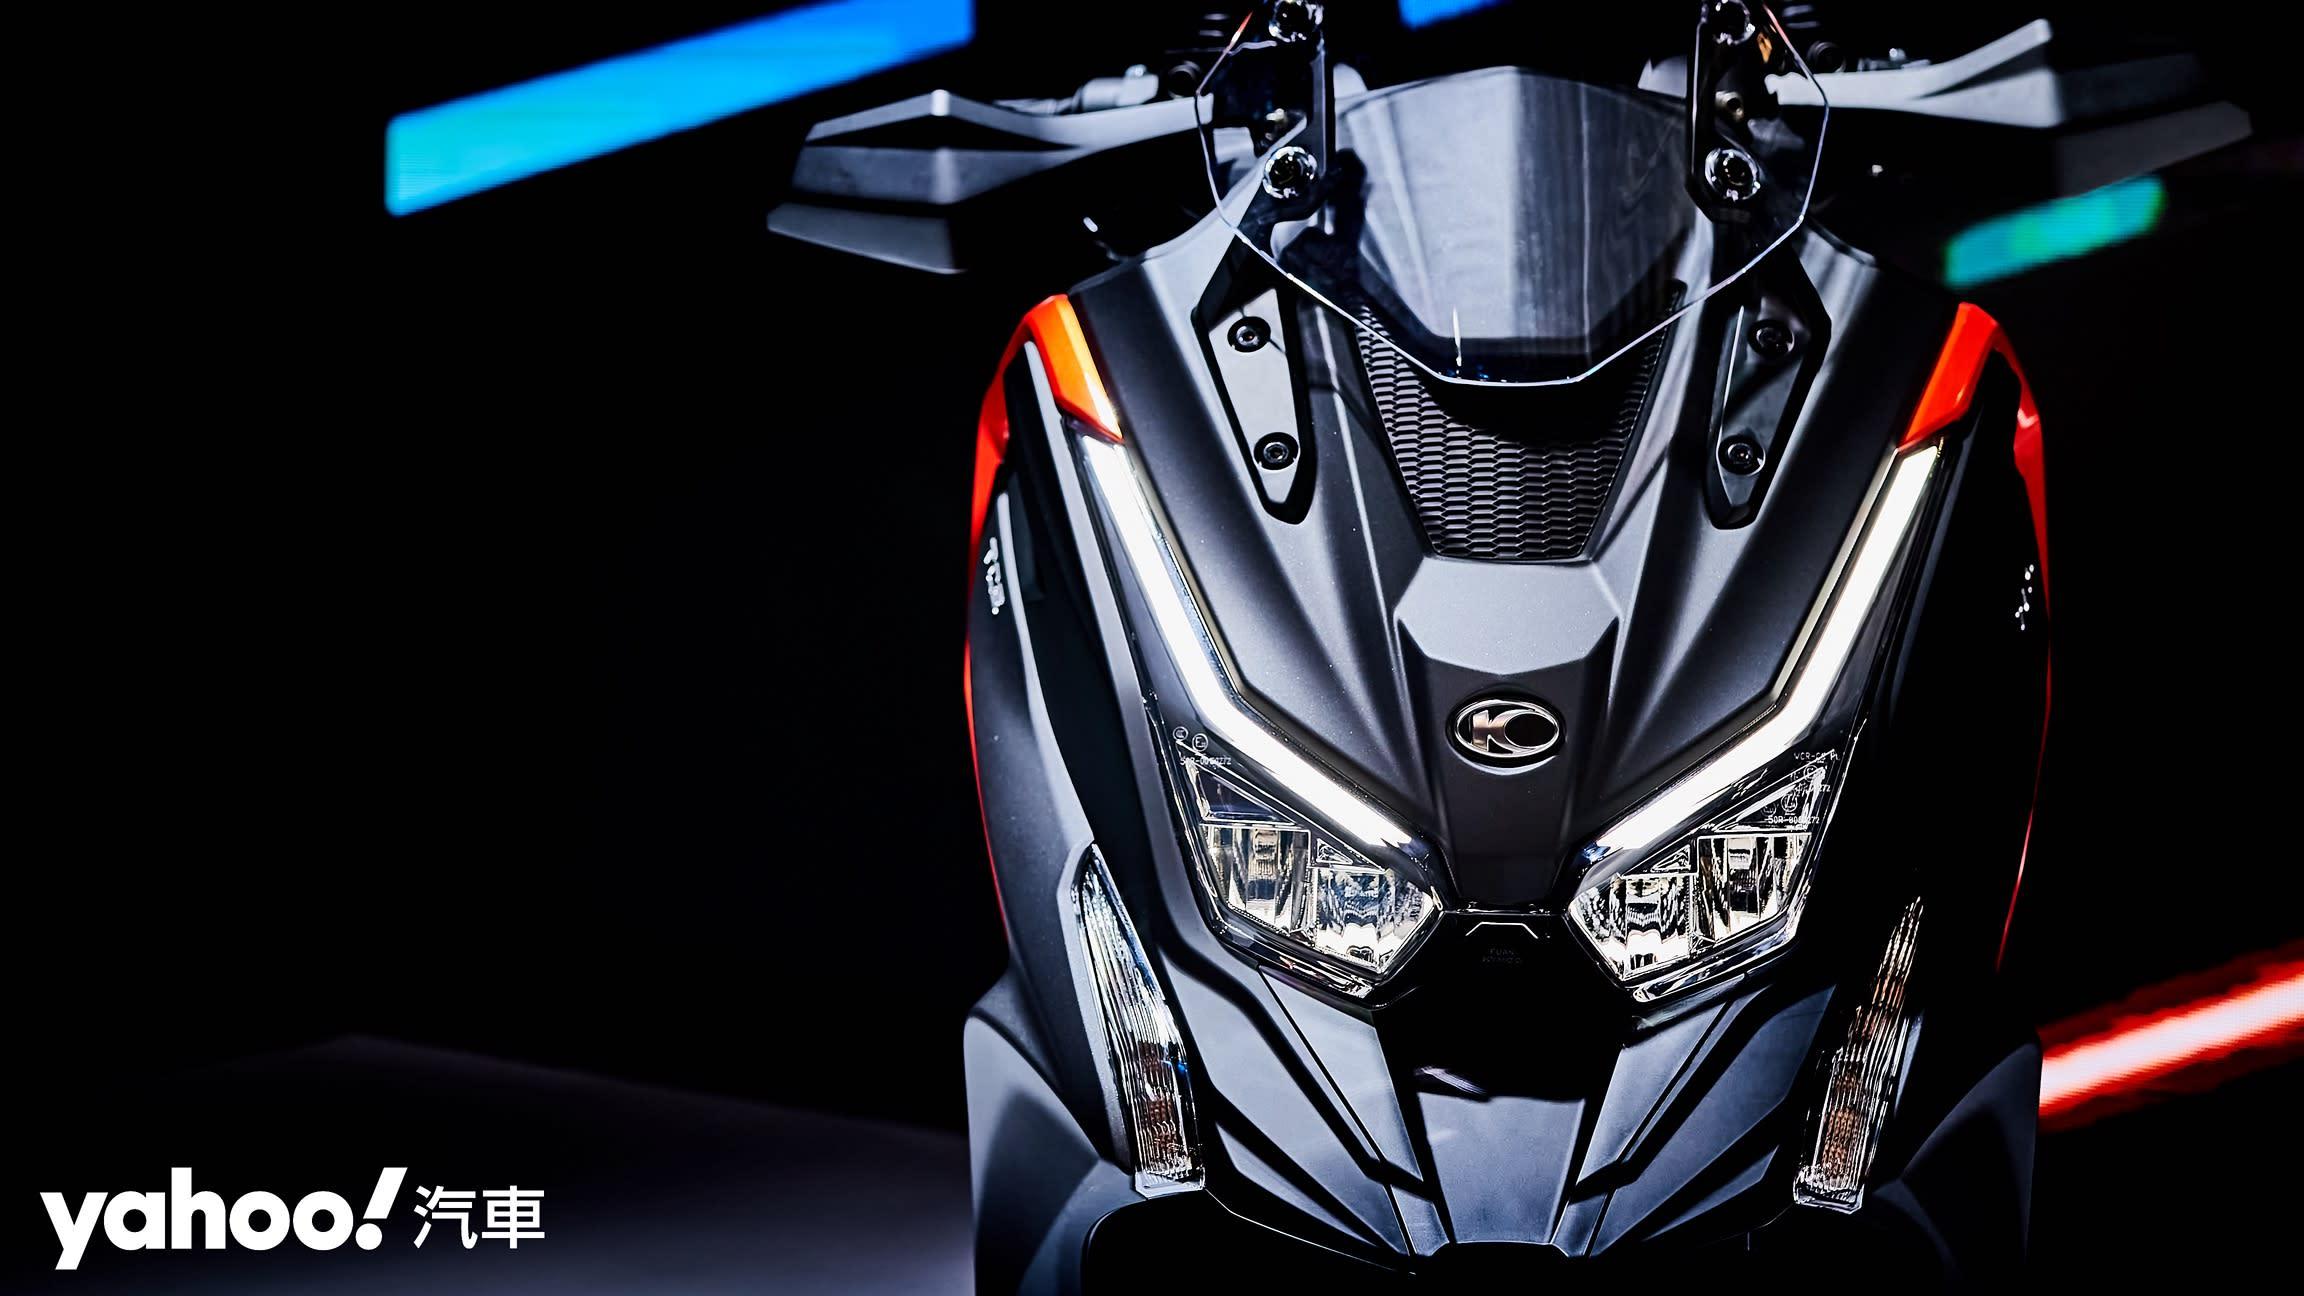 壯遊系燃油雙戰略車款!Kymco全新KRV、DTX360正式亮相!